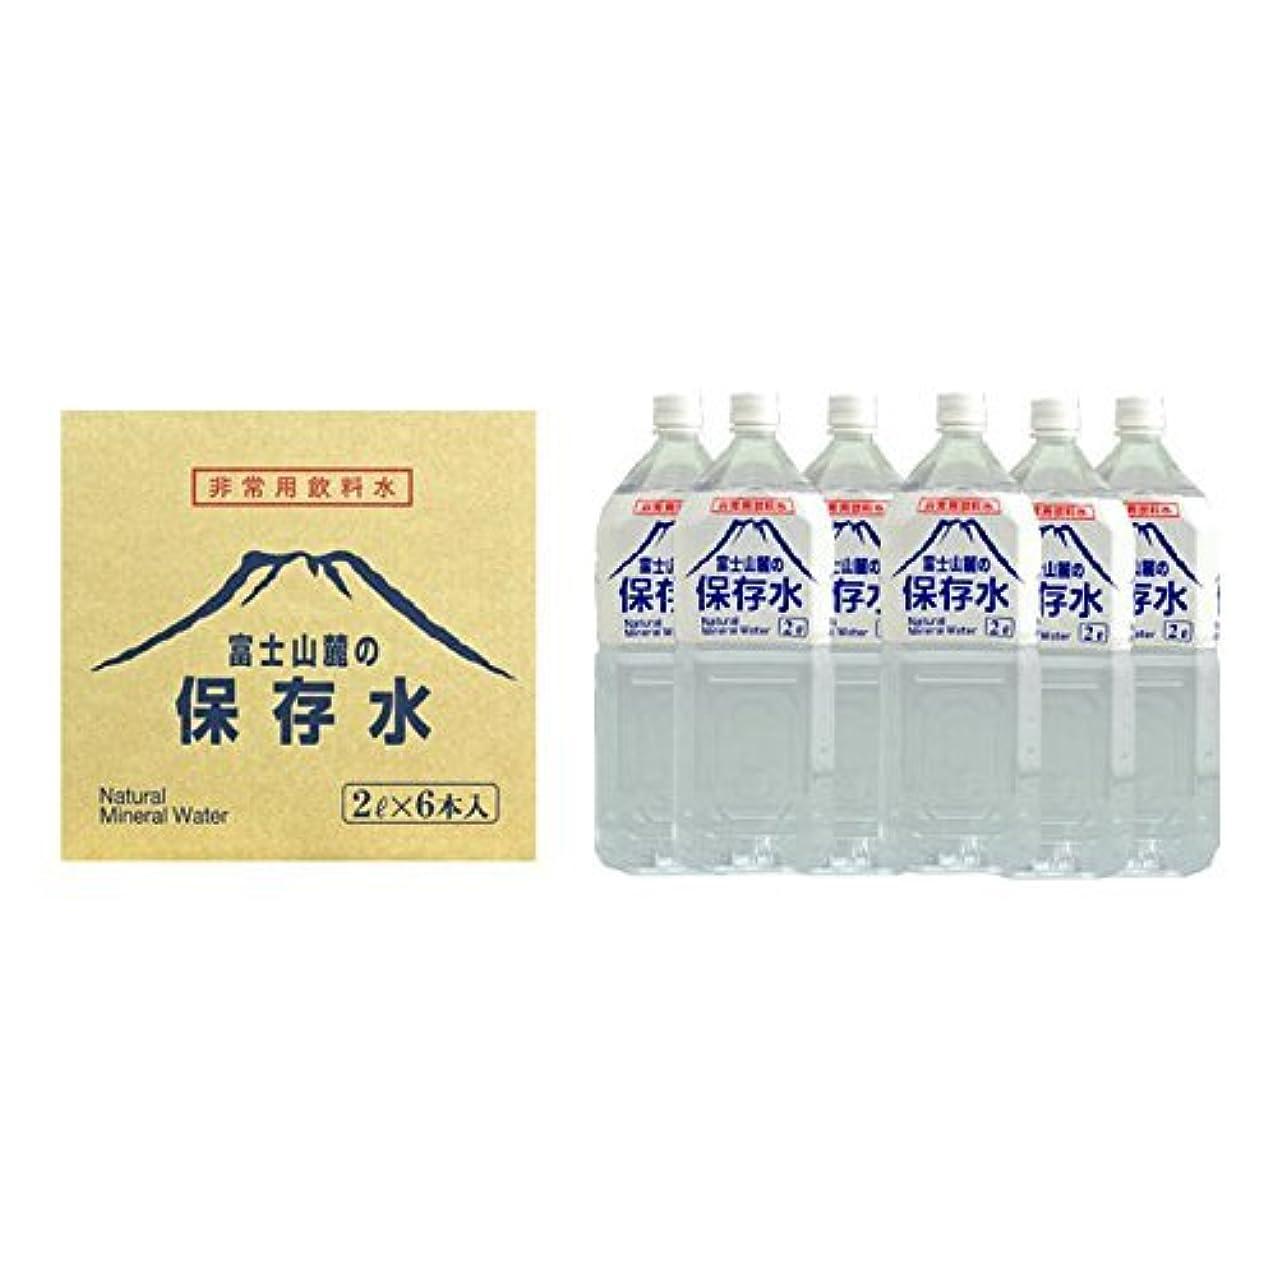 瀬戸際車両に沿って富士山麓の保存水 2L×6本